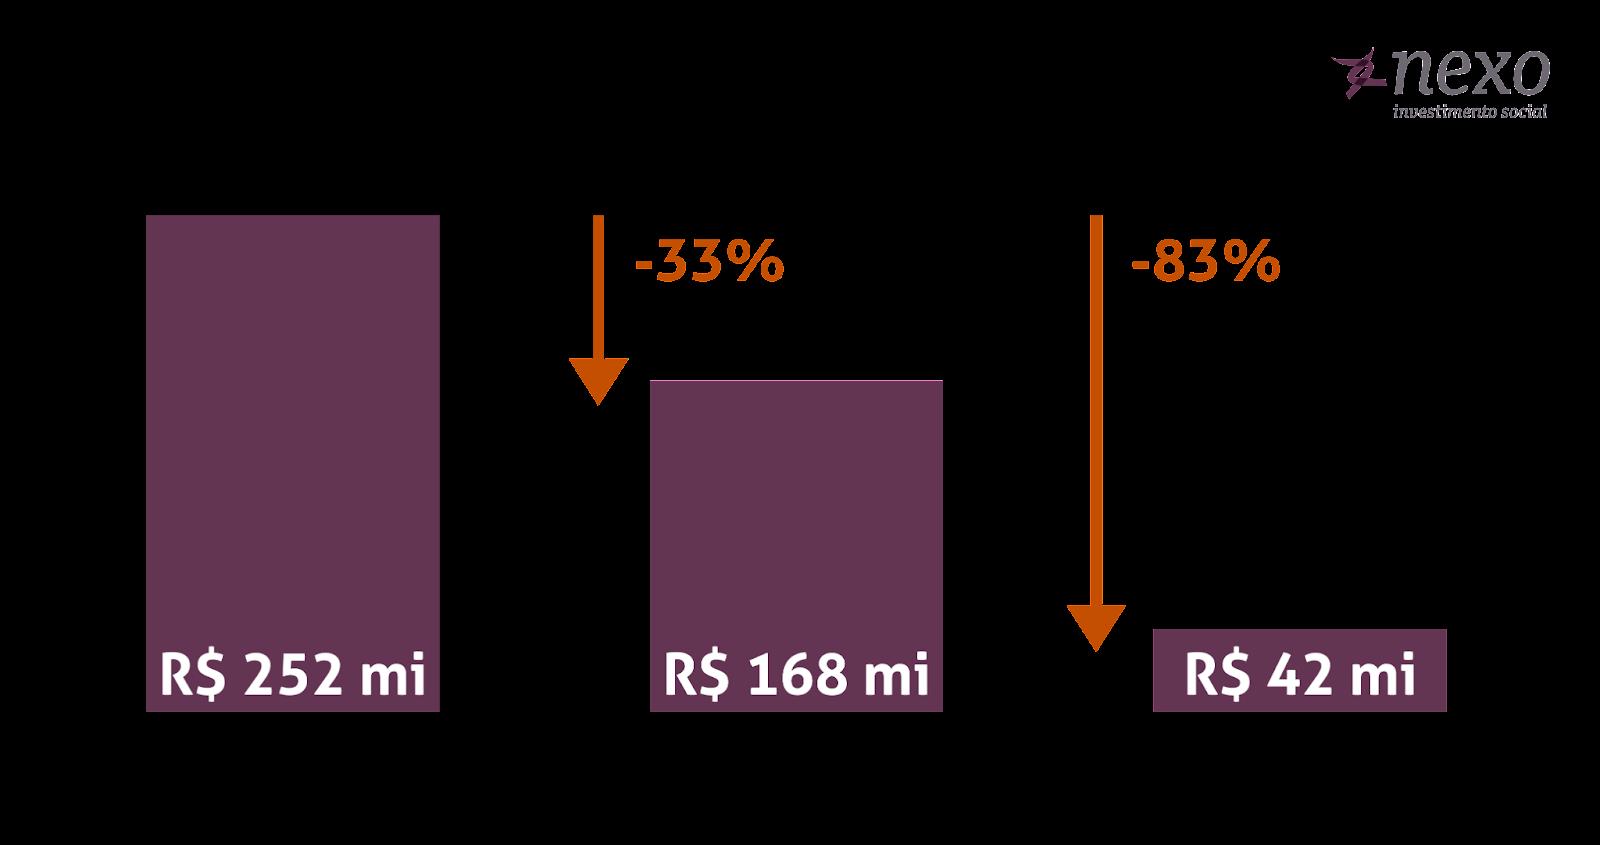 reforma do imposto de renda nos fundos do idoso